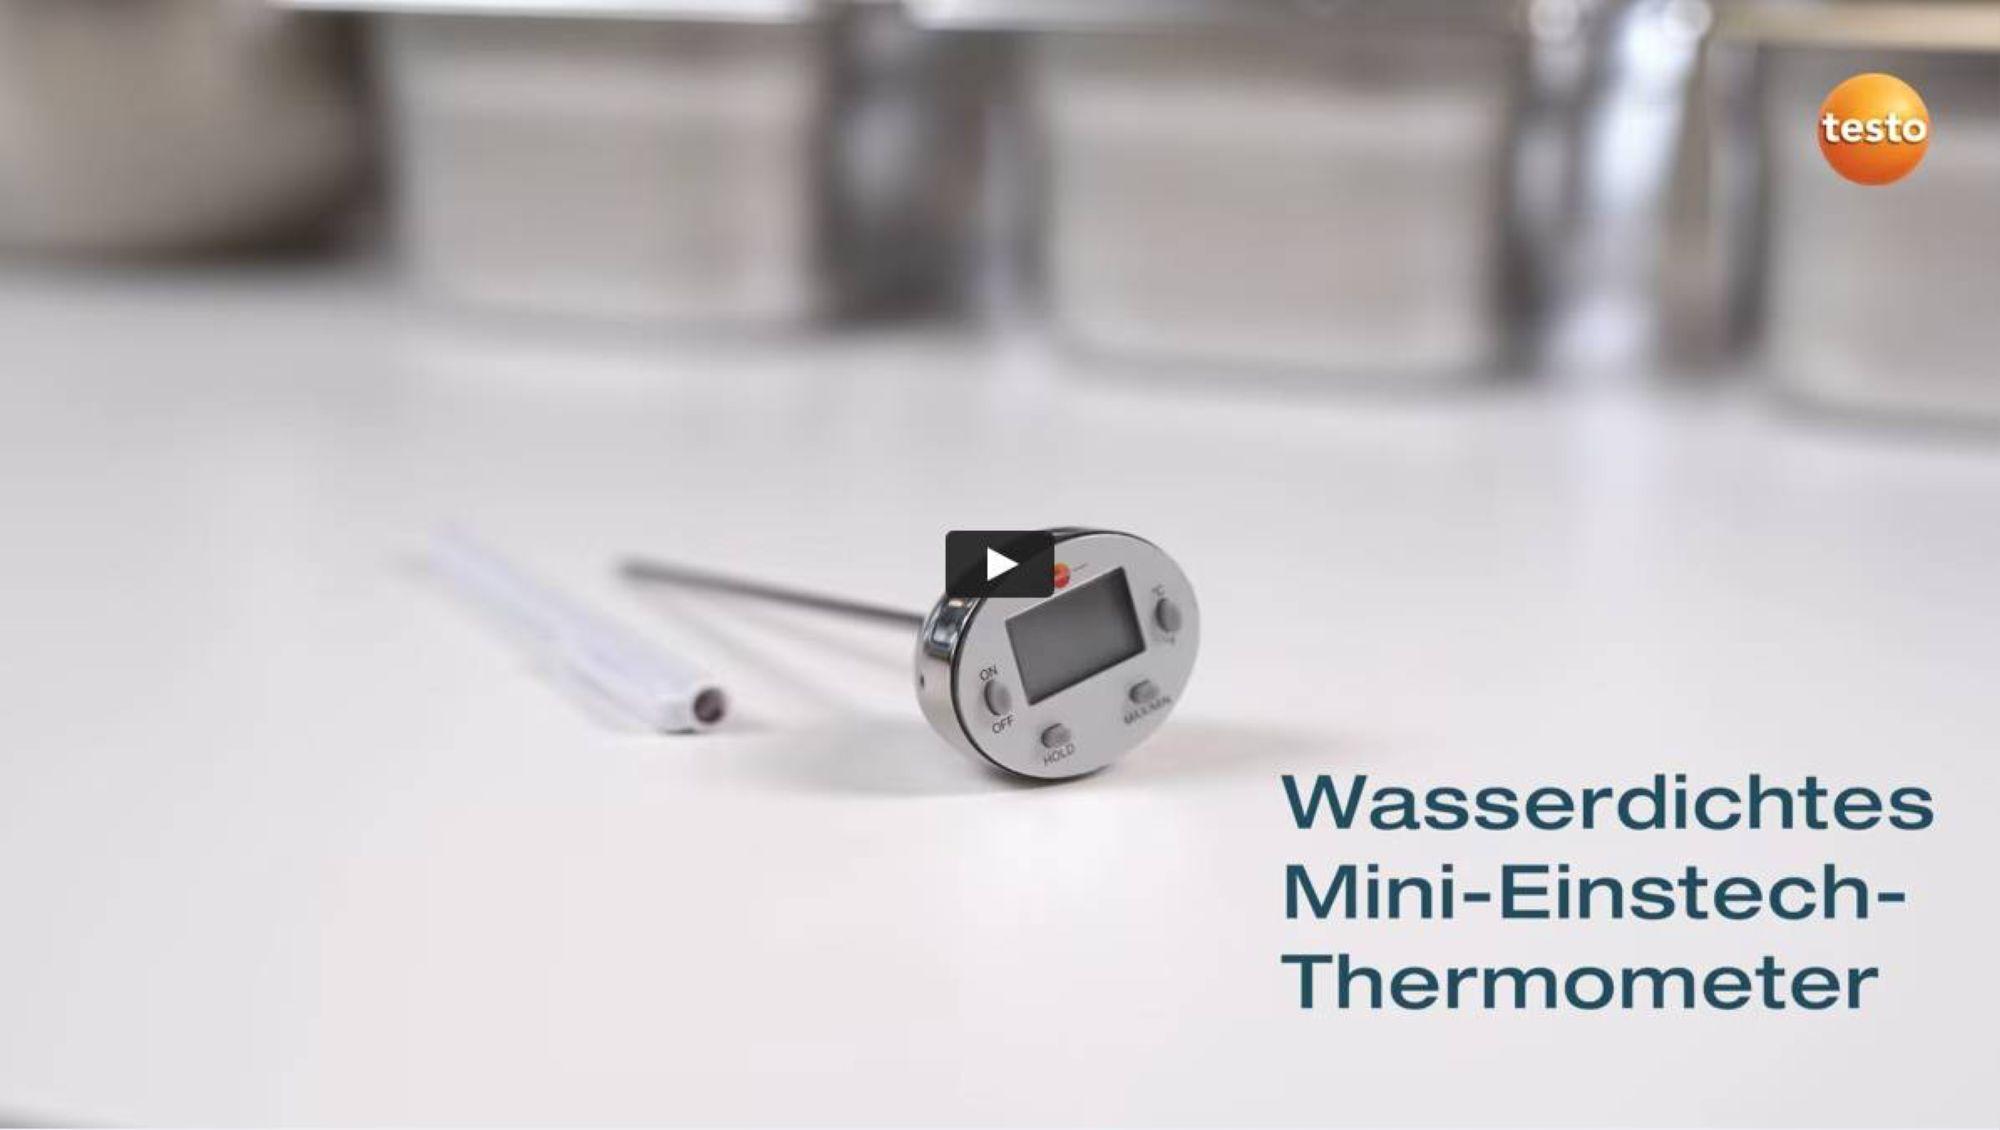 wow-video-Wasserdichtes_Mini-Einstechthermometer_DE_jpg